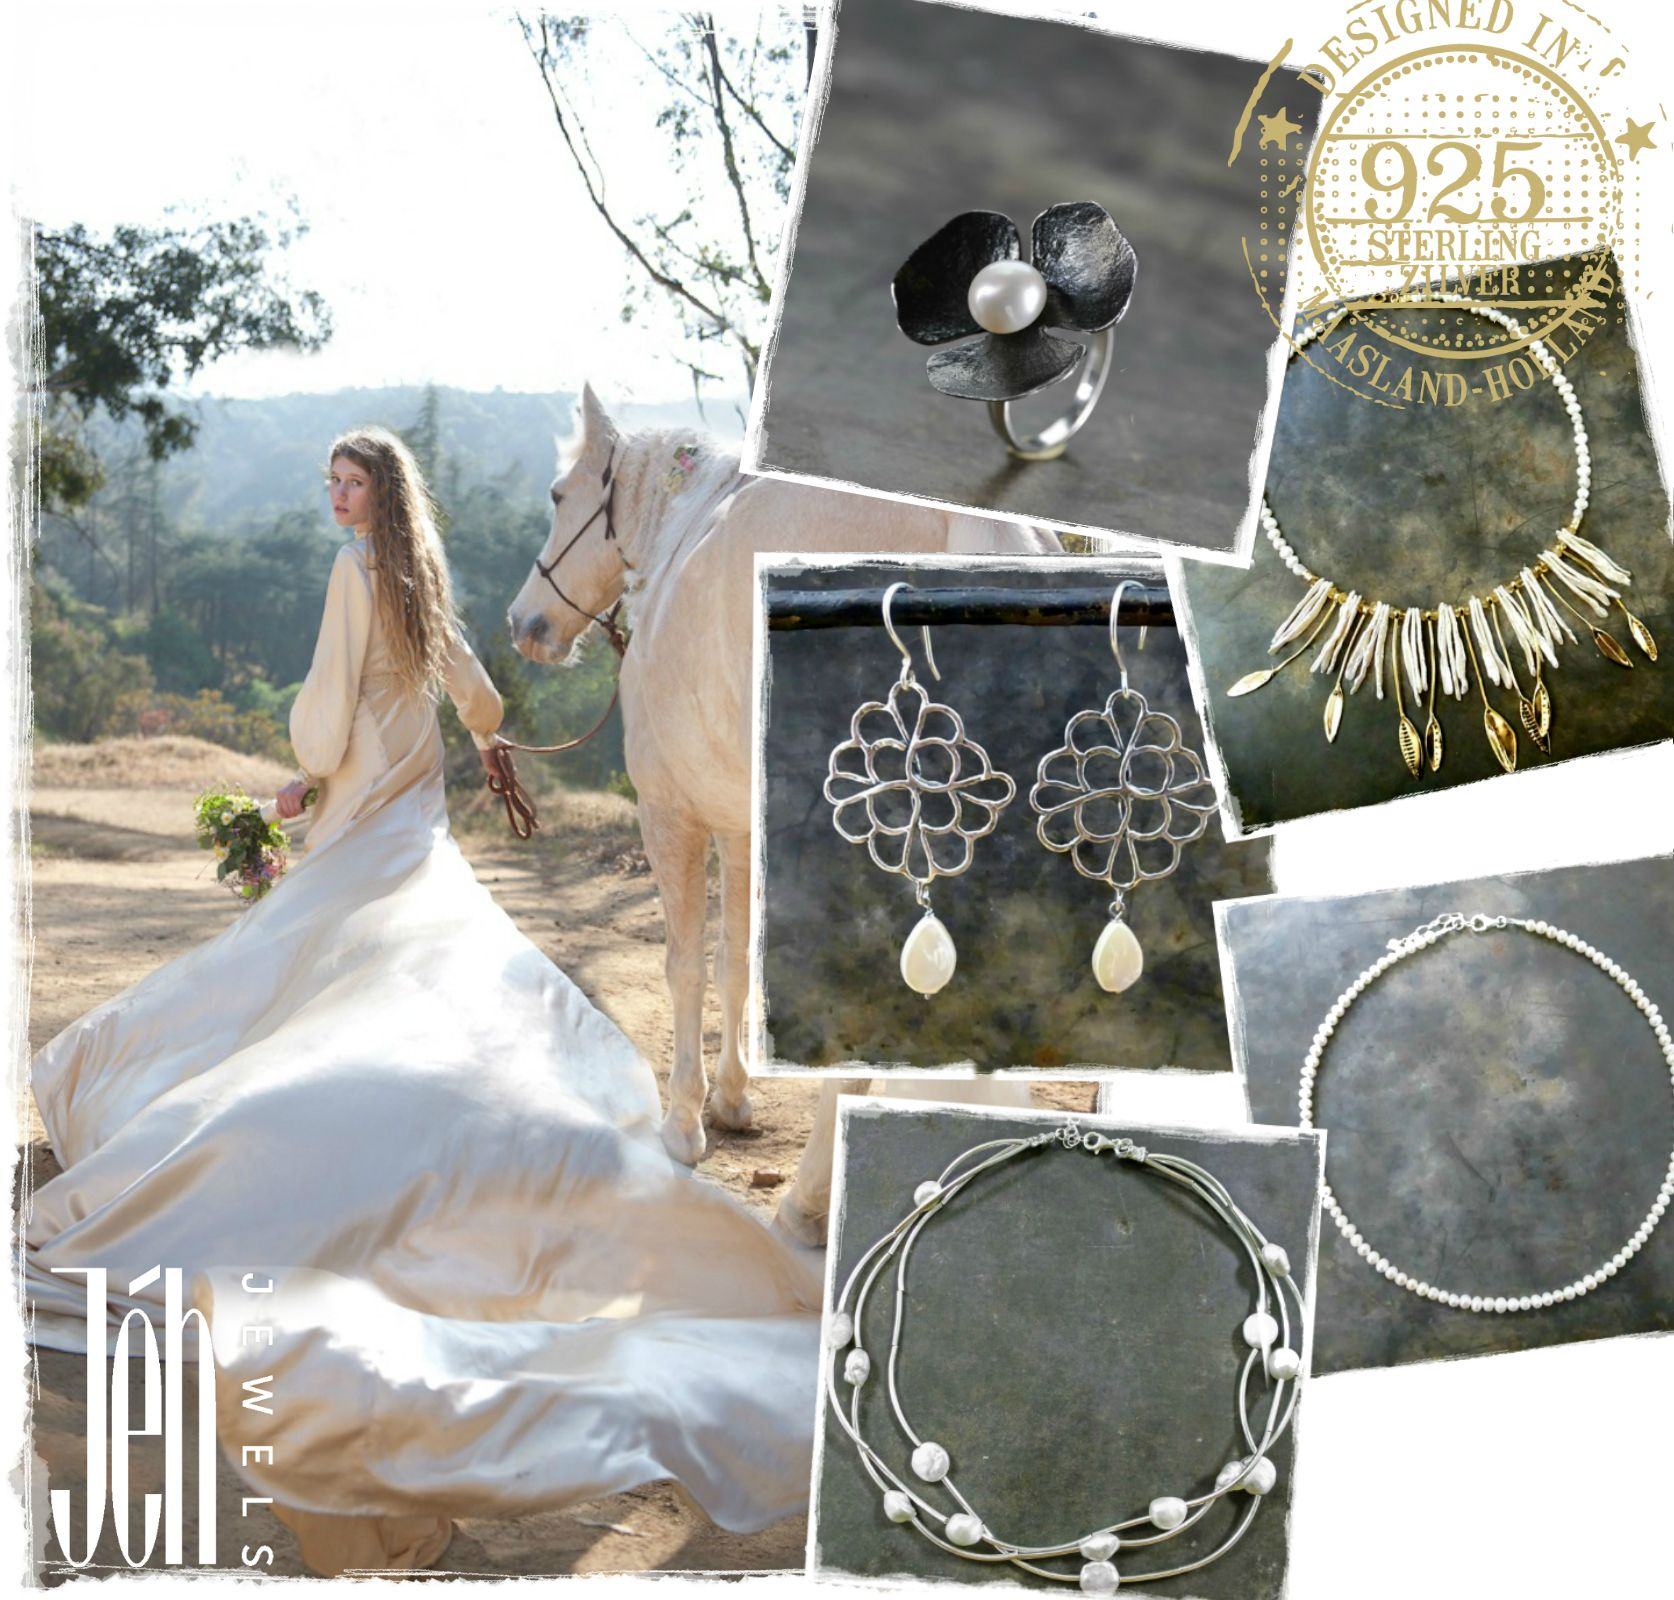 """De droom van elke vrouw """"een sprookjeshuwelijk in een prachtige jurk met schitterende juwelen van Jéh Jewels"""" http://buff.ly/17DINSo"""